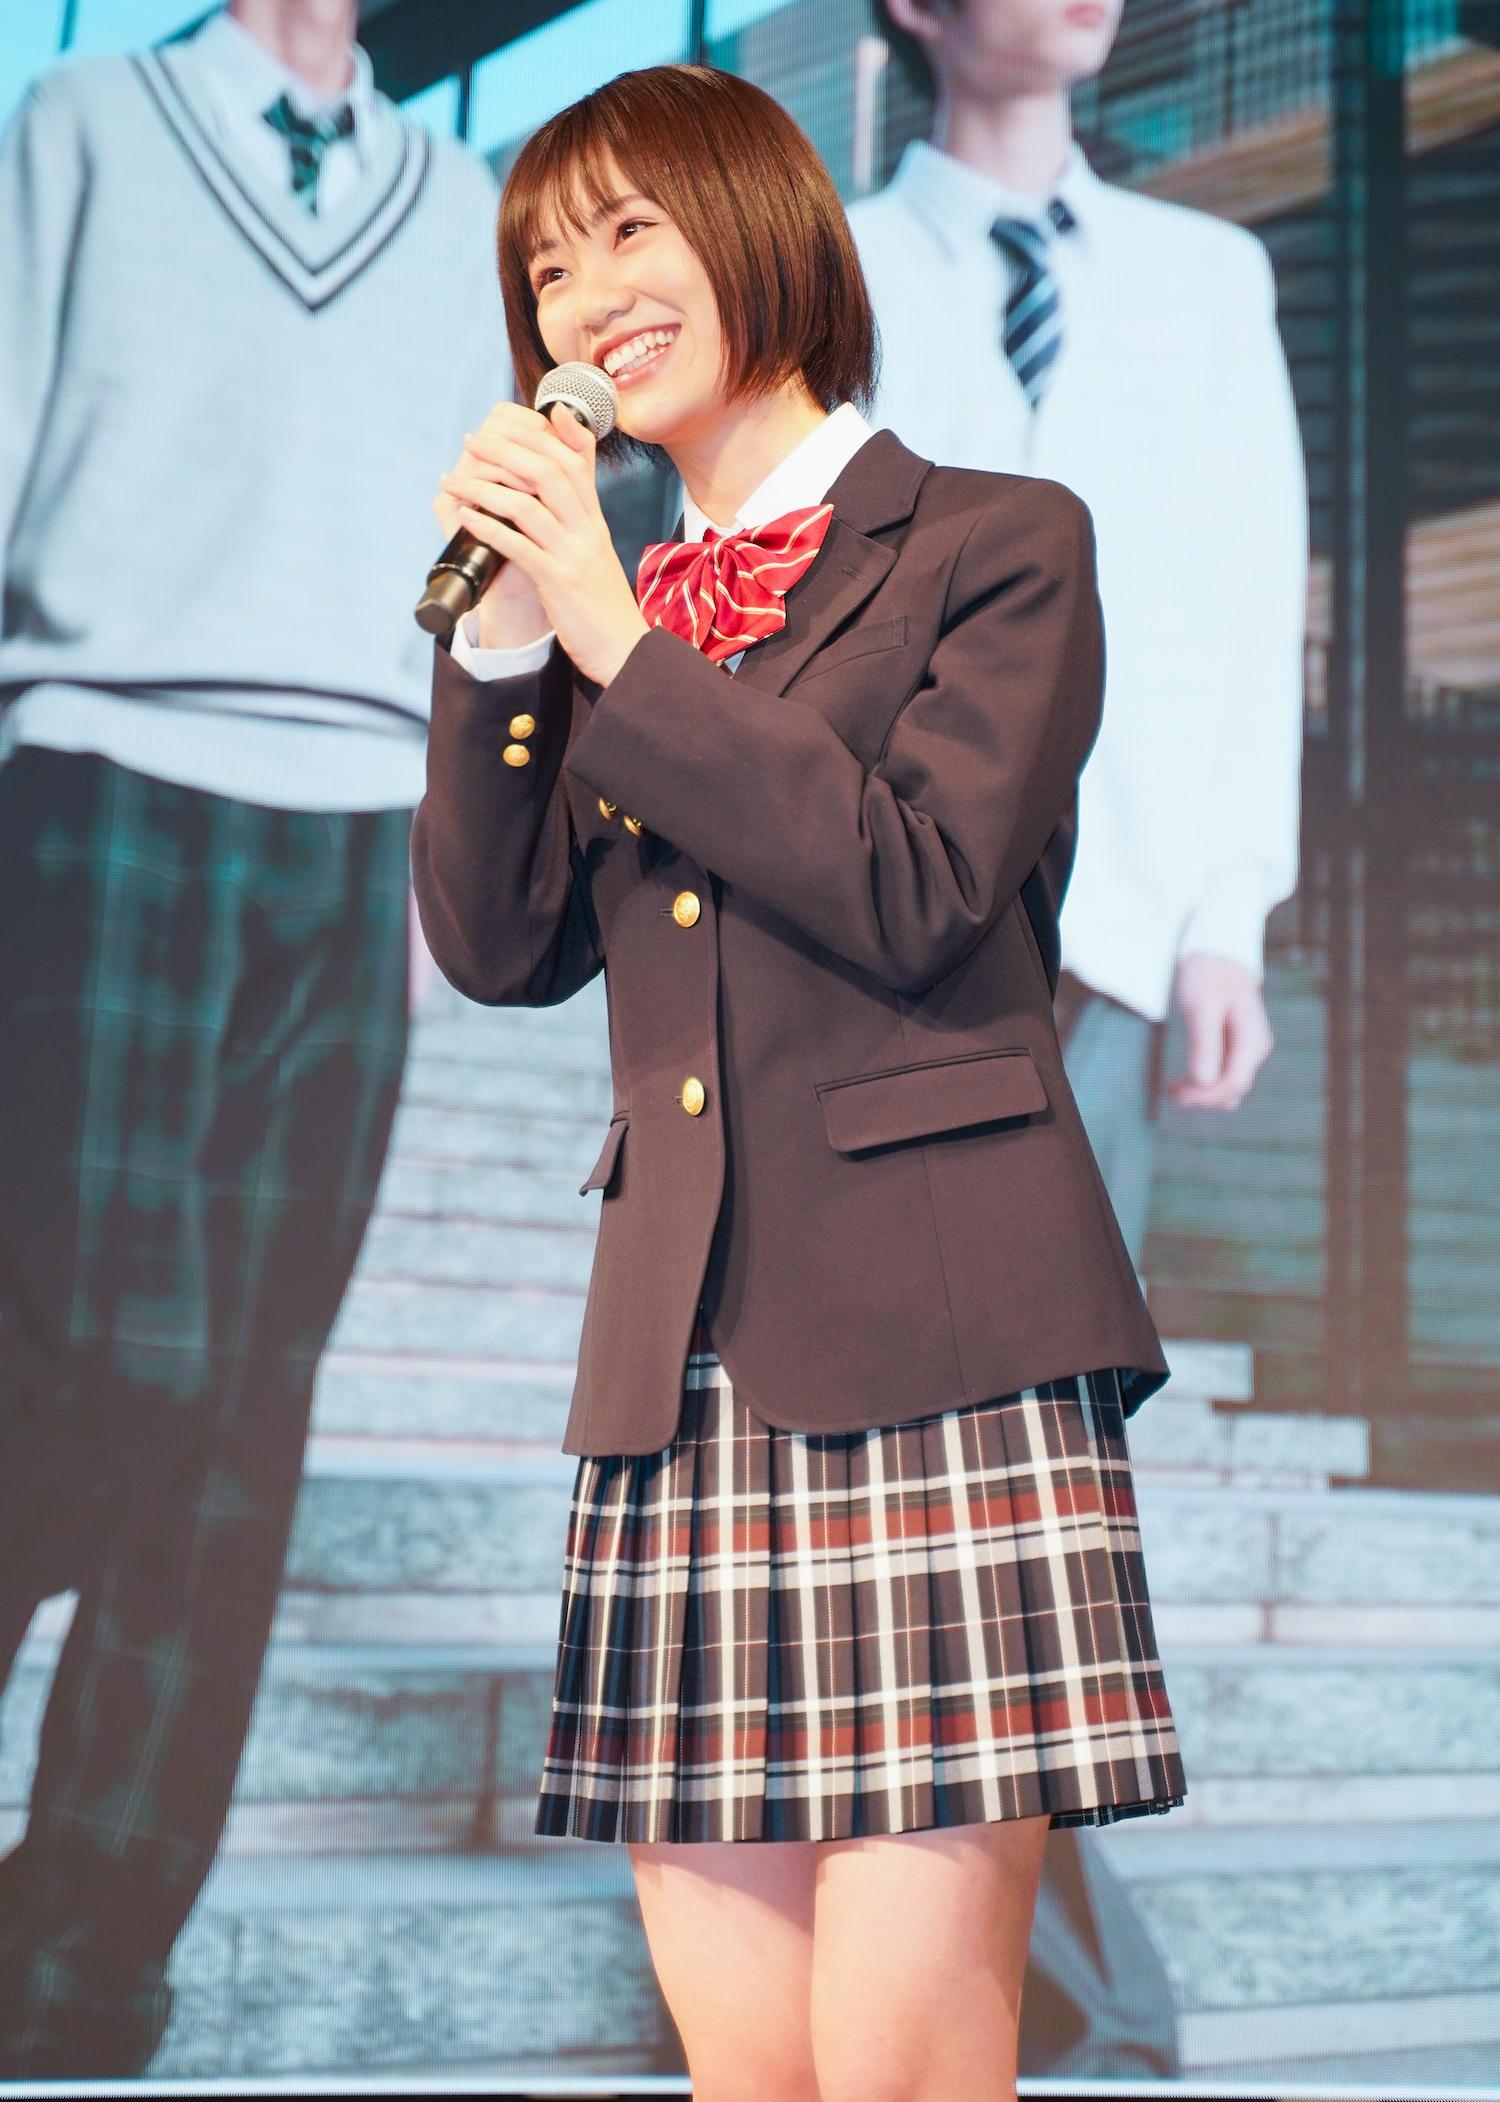 竹内詩乃さん「第8回 日本制服アワード」女子グランプリ/2021年2月7日(撮影:ACTRESS PRESS編集部 SHUN)